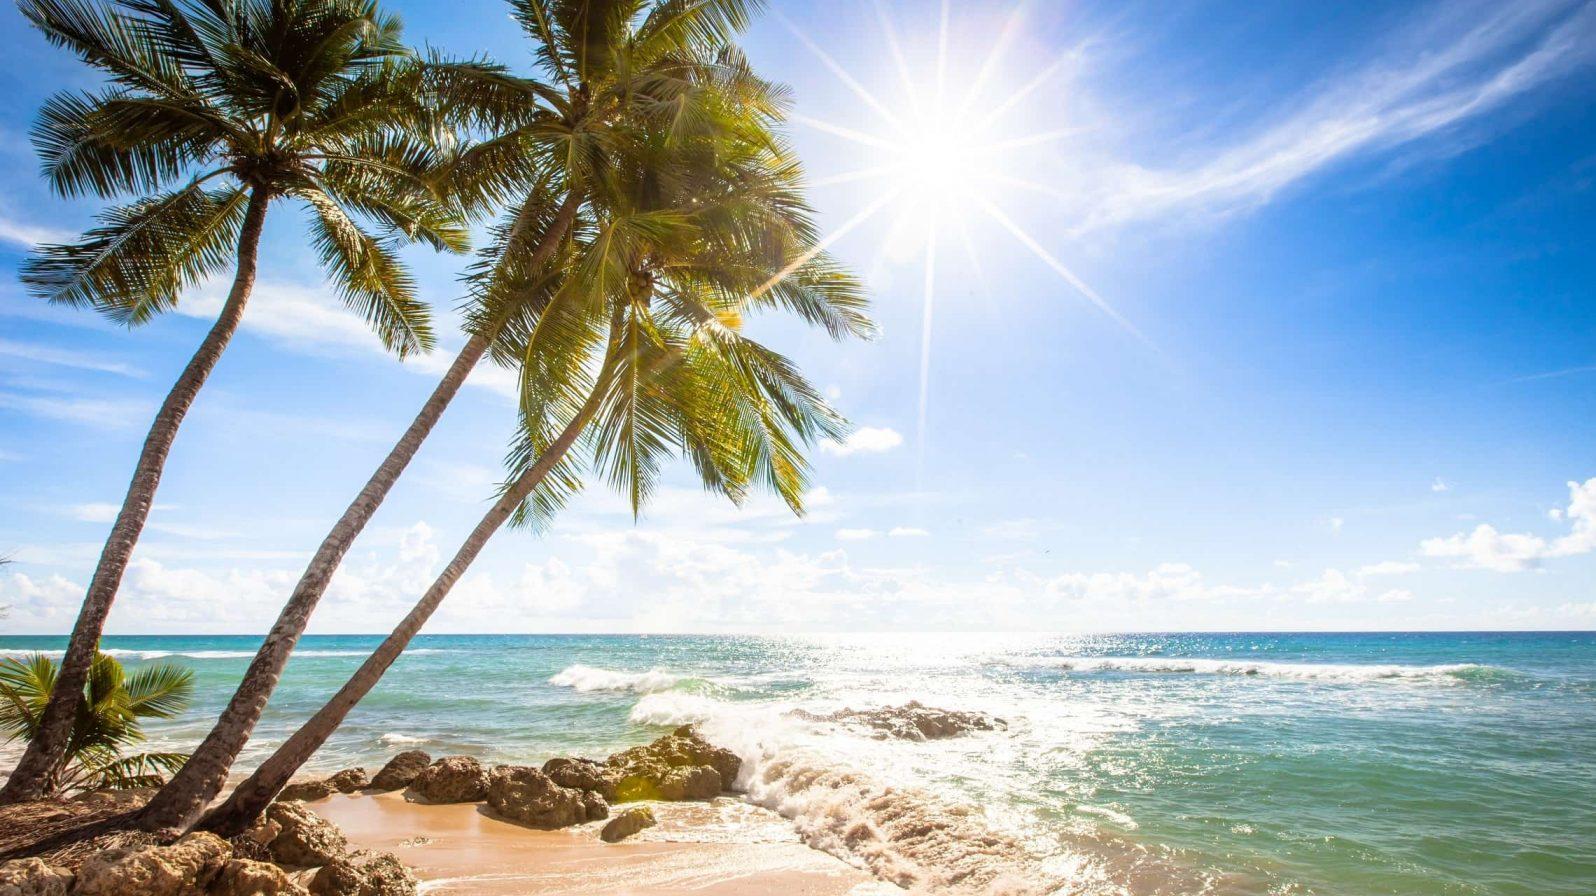 Barbados-Länsi-Rannikko-1596x896.jpeg